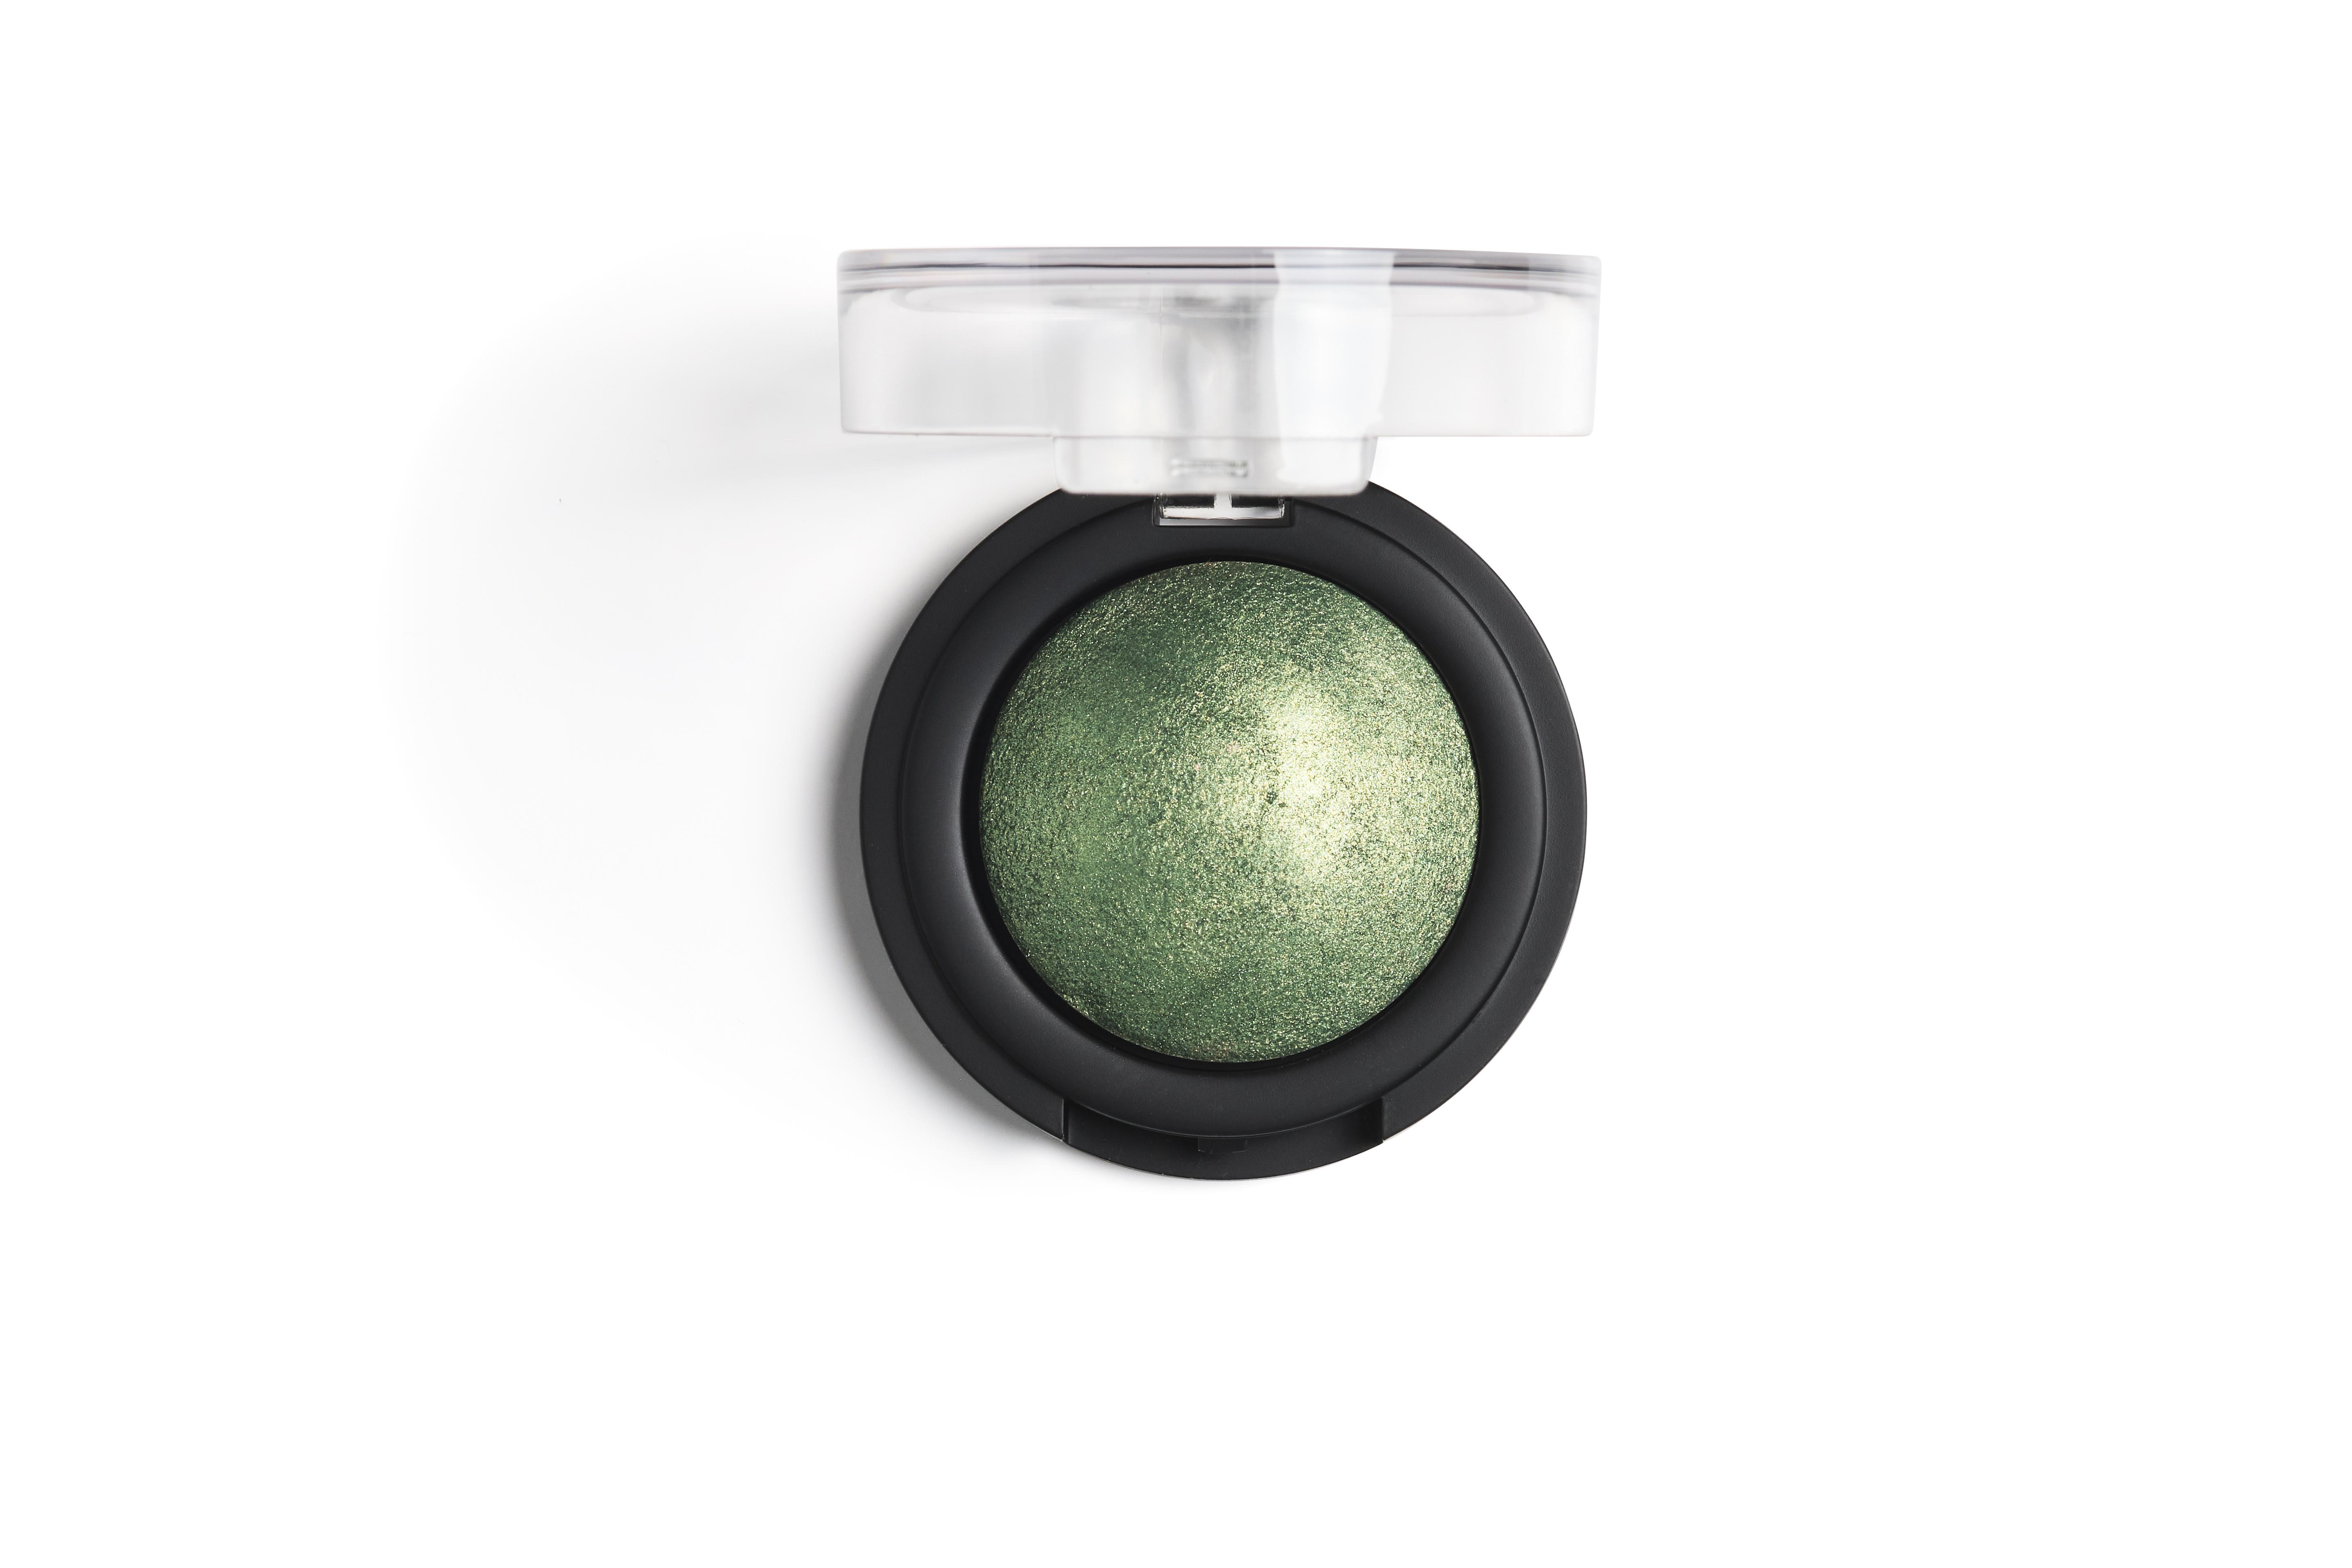 Nilens Jord Baked Mineral Eyeshadow, 6115 jade